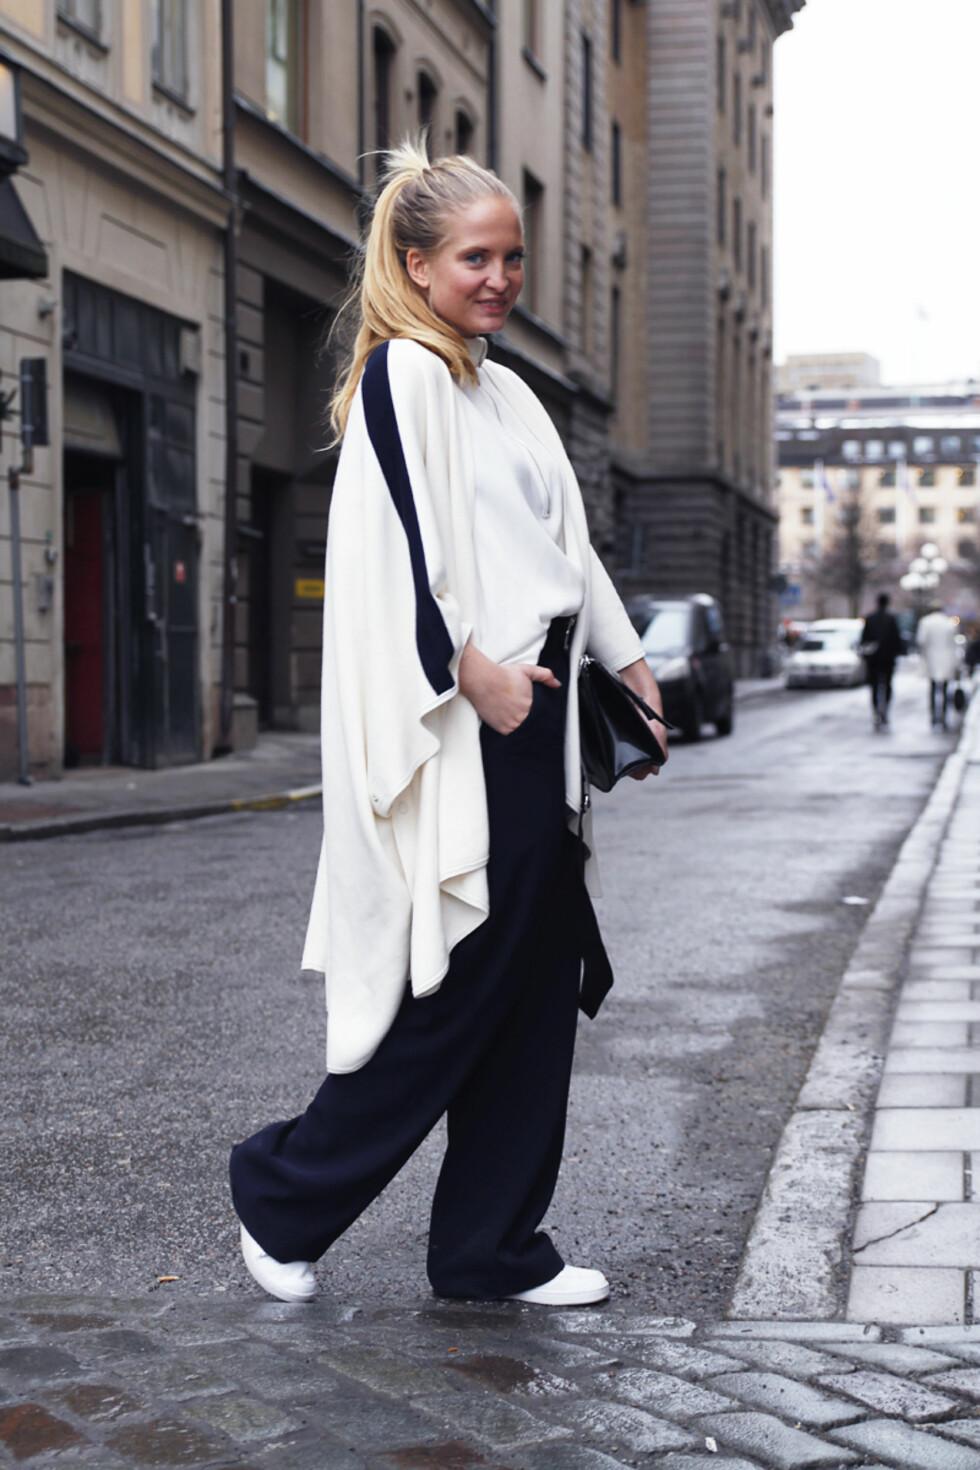 LAG PÅ LAG & OVERSIZED: Nathalie kombinerer gammel og ny trend ved å style antrekket lag på lag med oversized plagg. Foto: Nathaliehelgerud.com